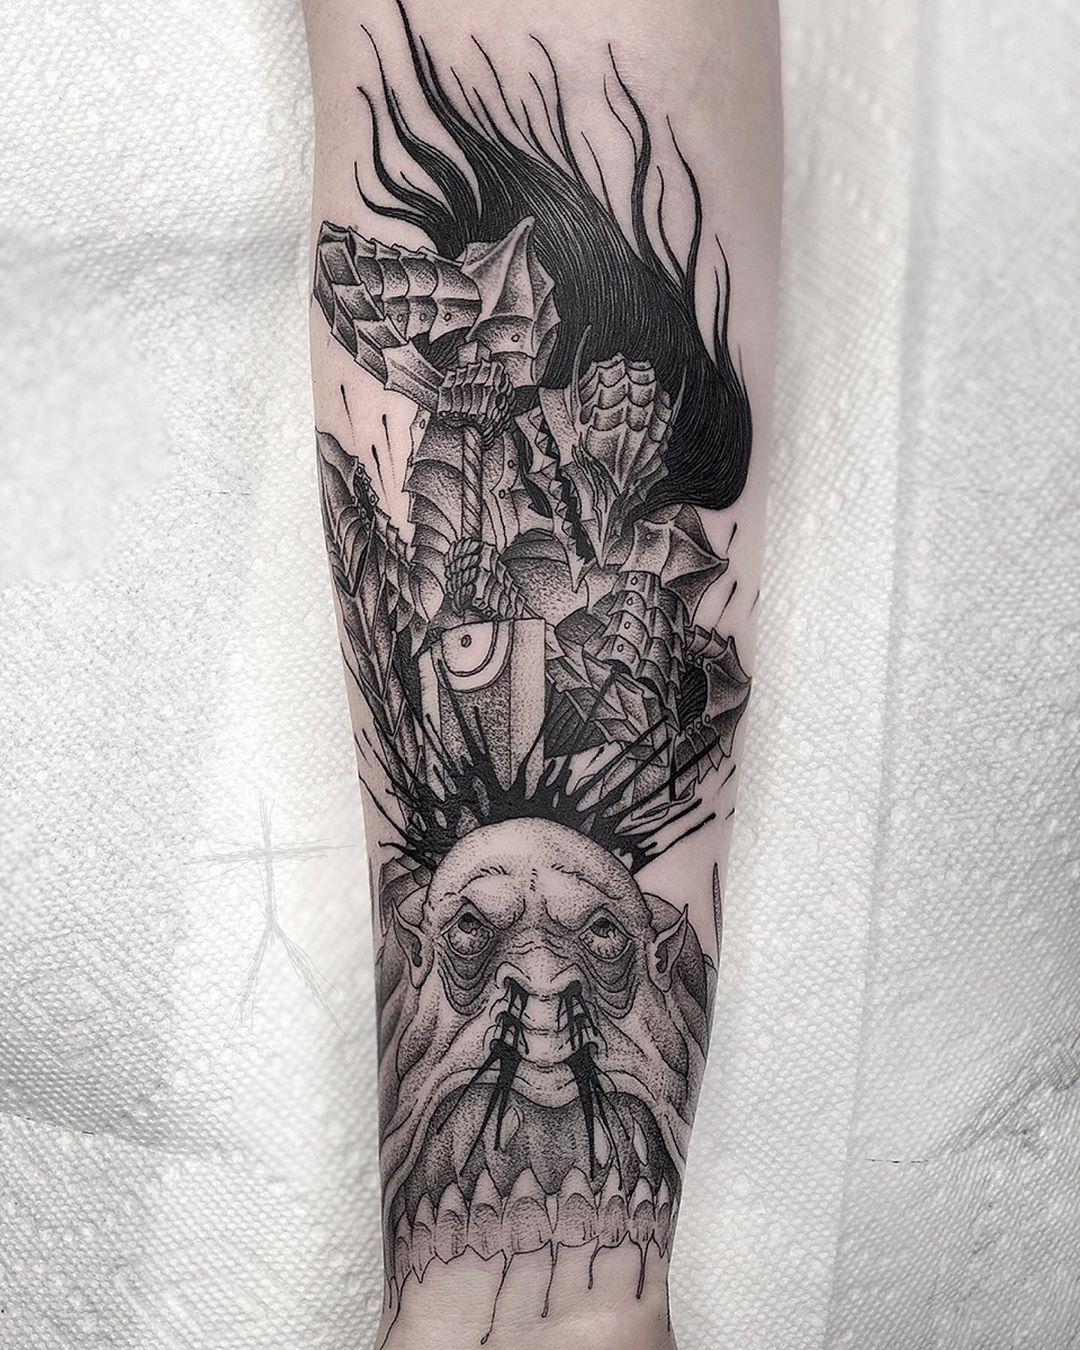 Berserker Tattoo Tattoos Berserker Tattoo Different Styles Of Tattoos